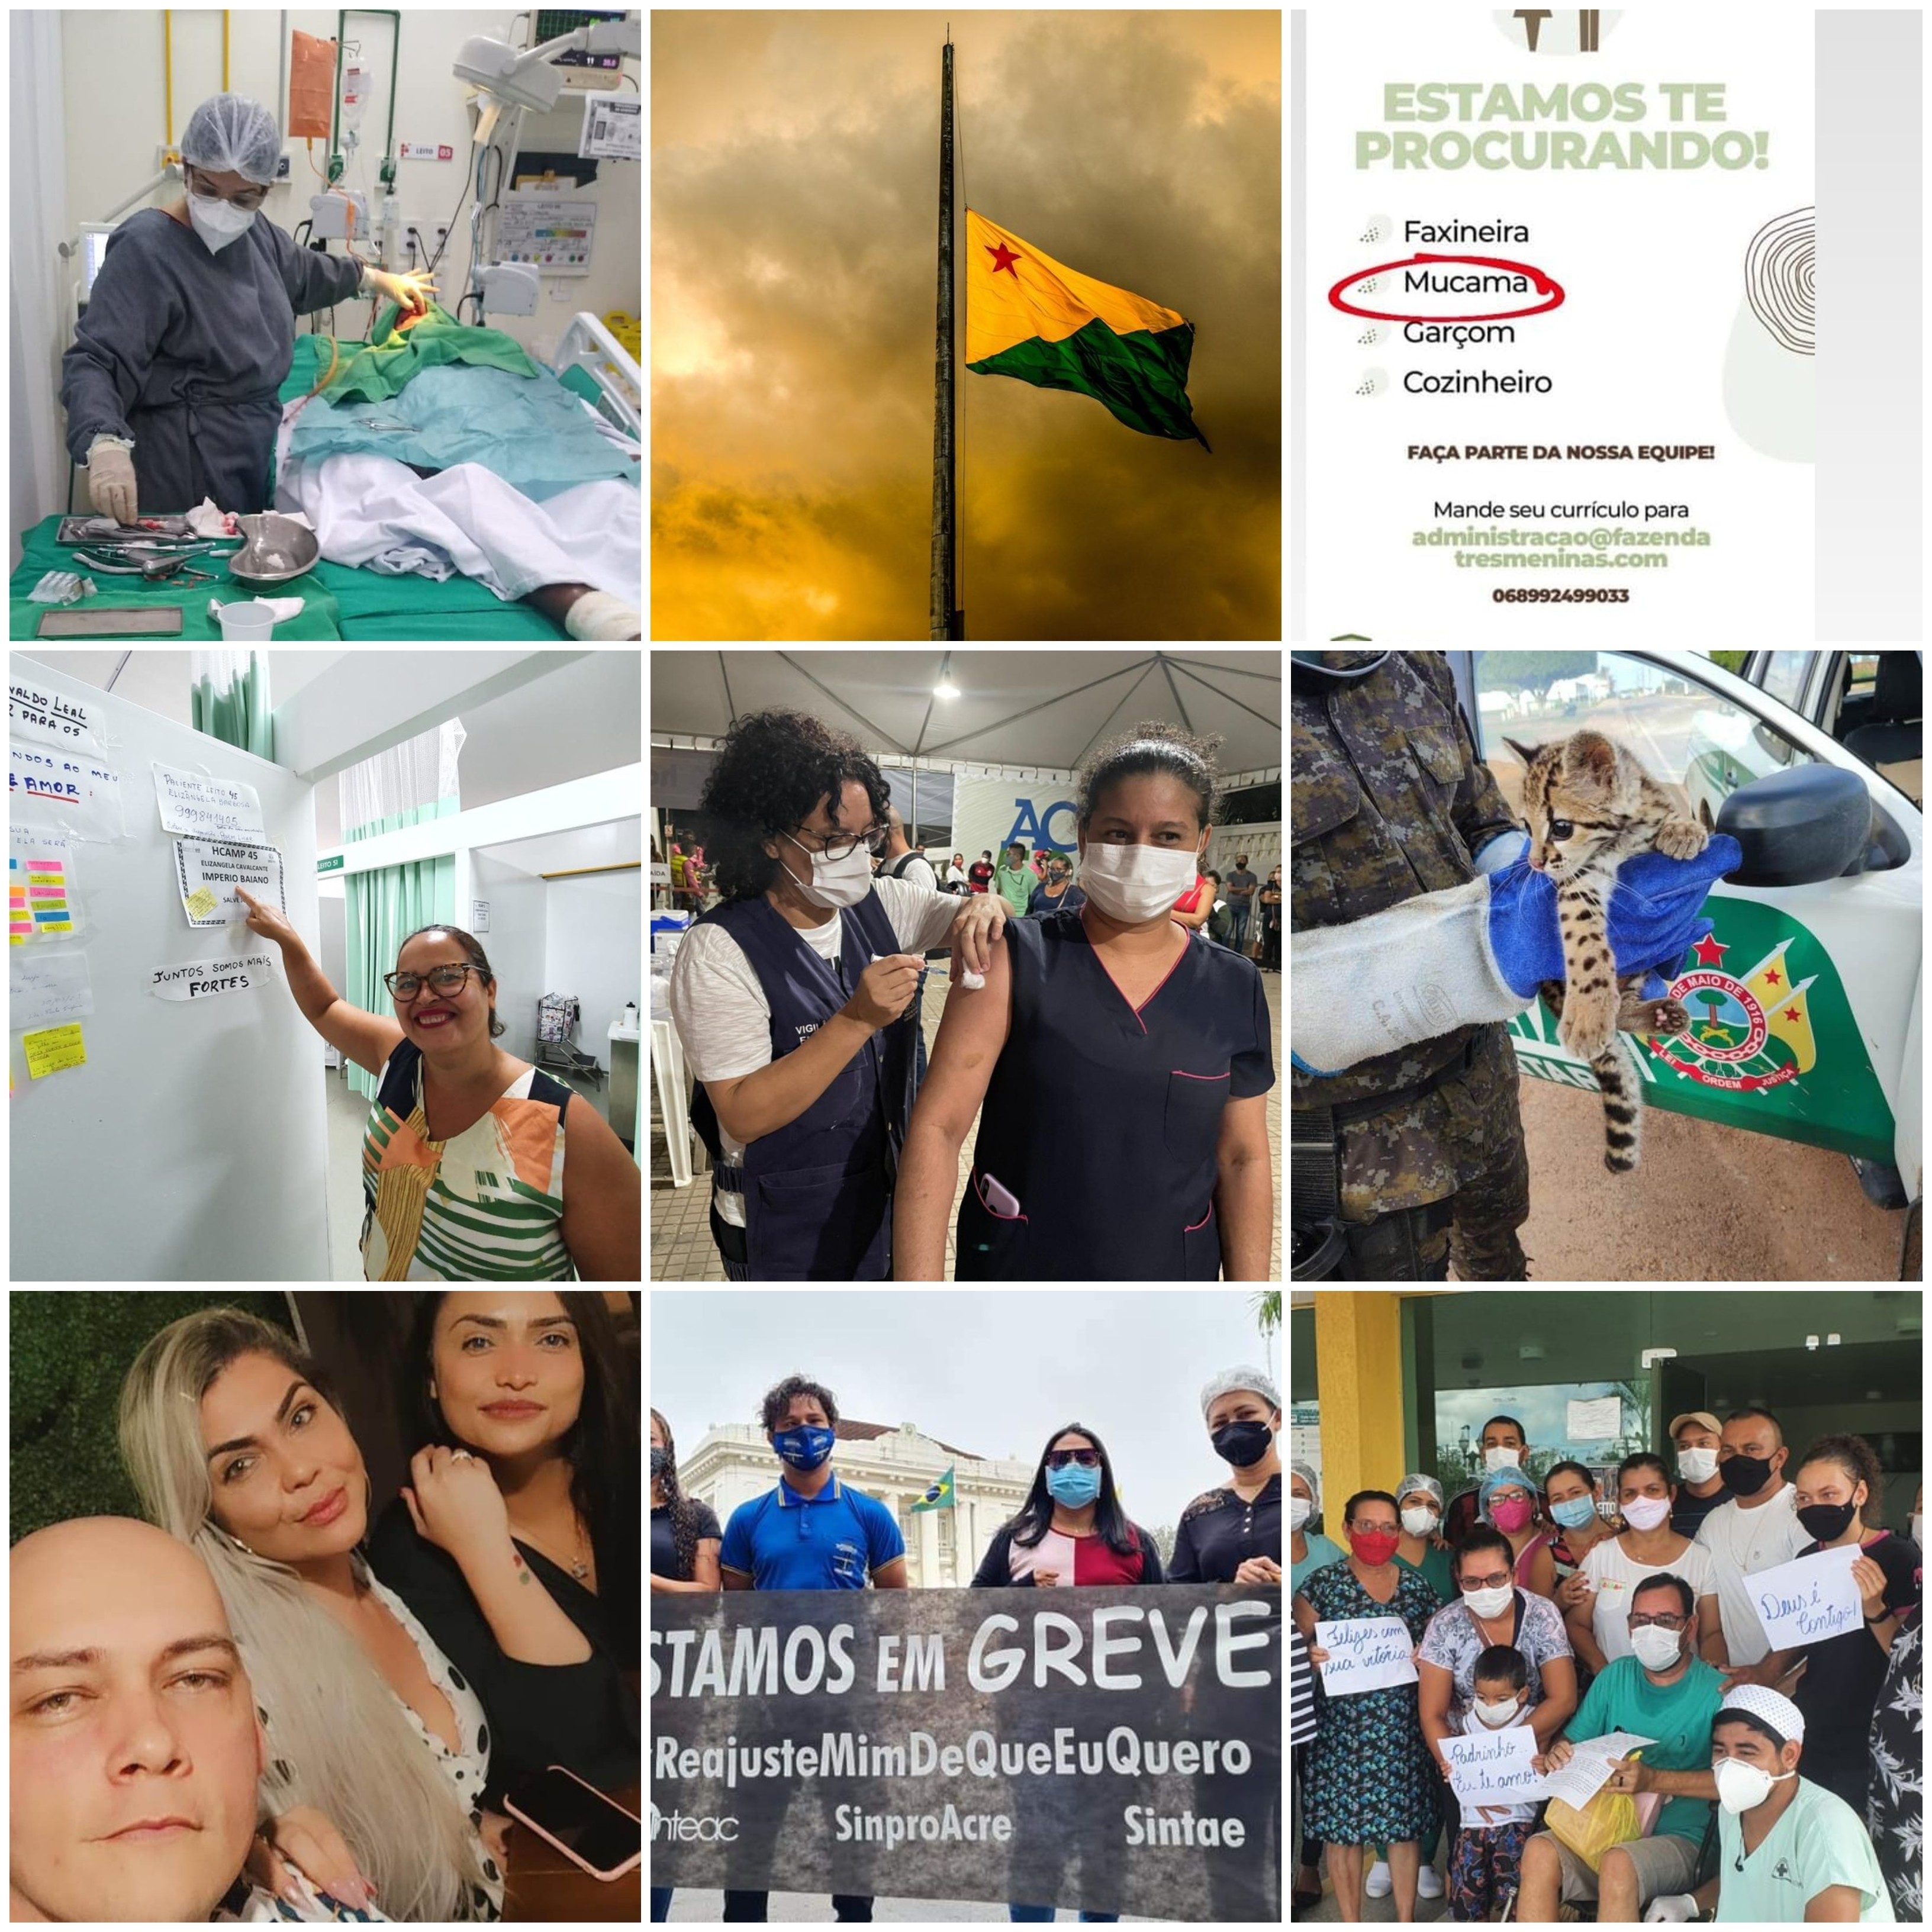 Você viu? Hotel abre vaga para 'mucama', mutirão, 59 anos do Acre, protesto Bolsonaro, vacina Bau e mais